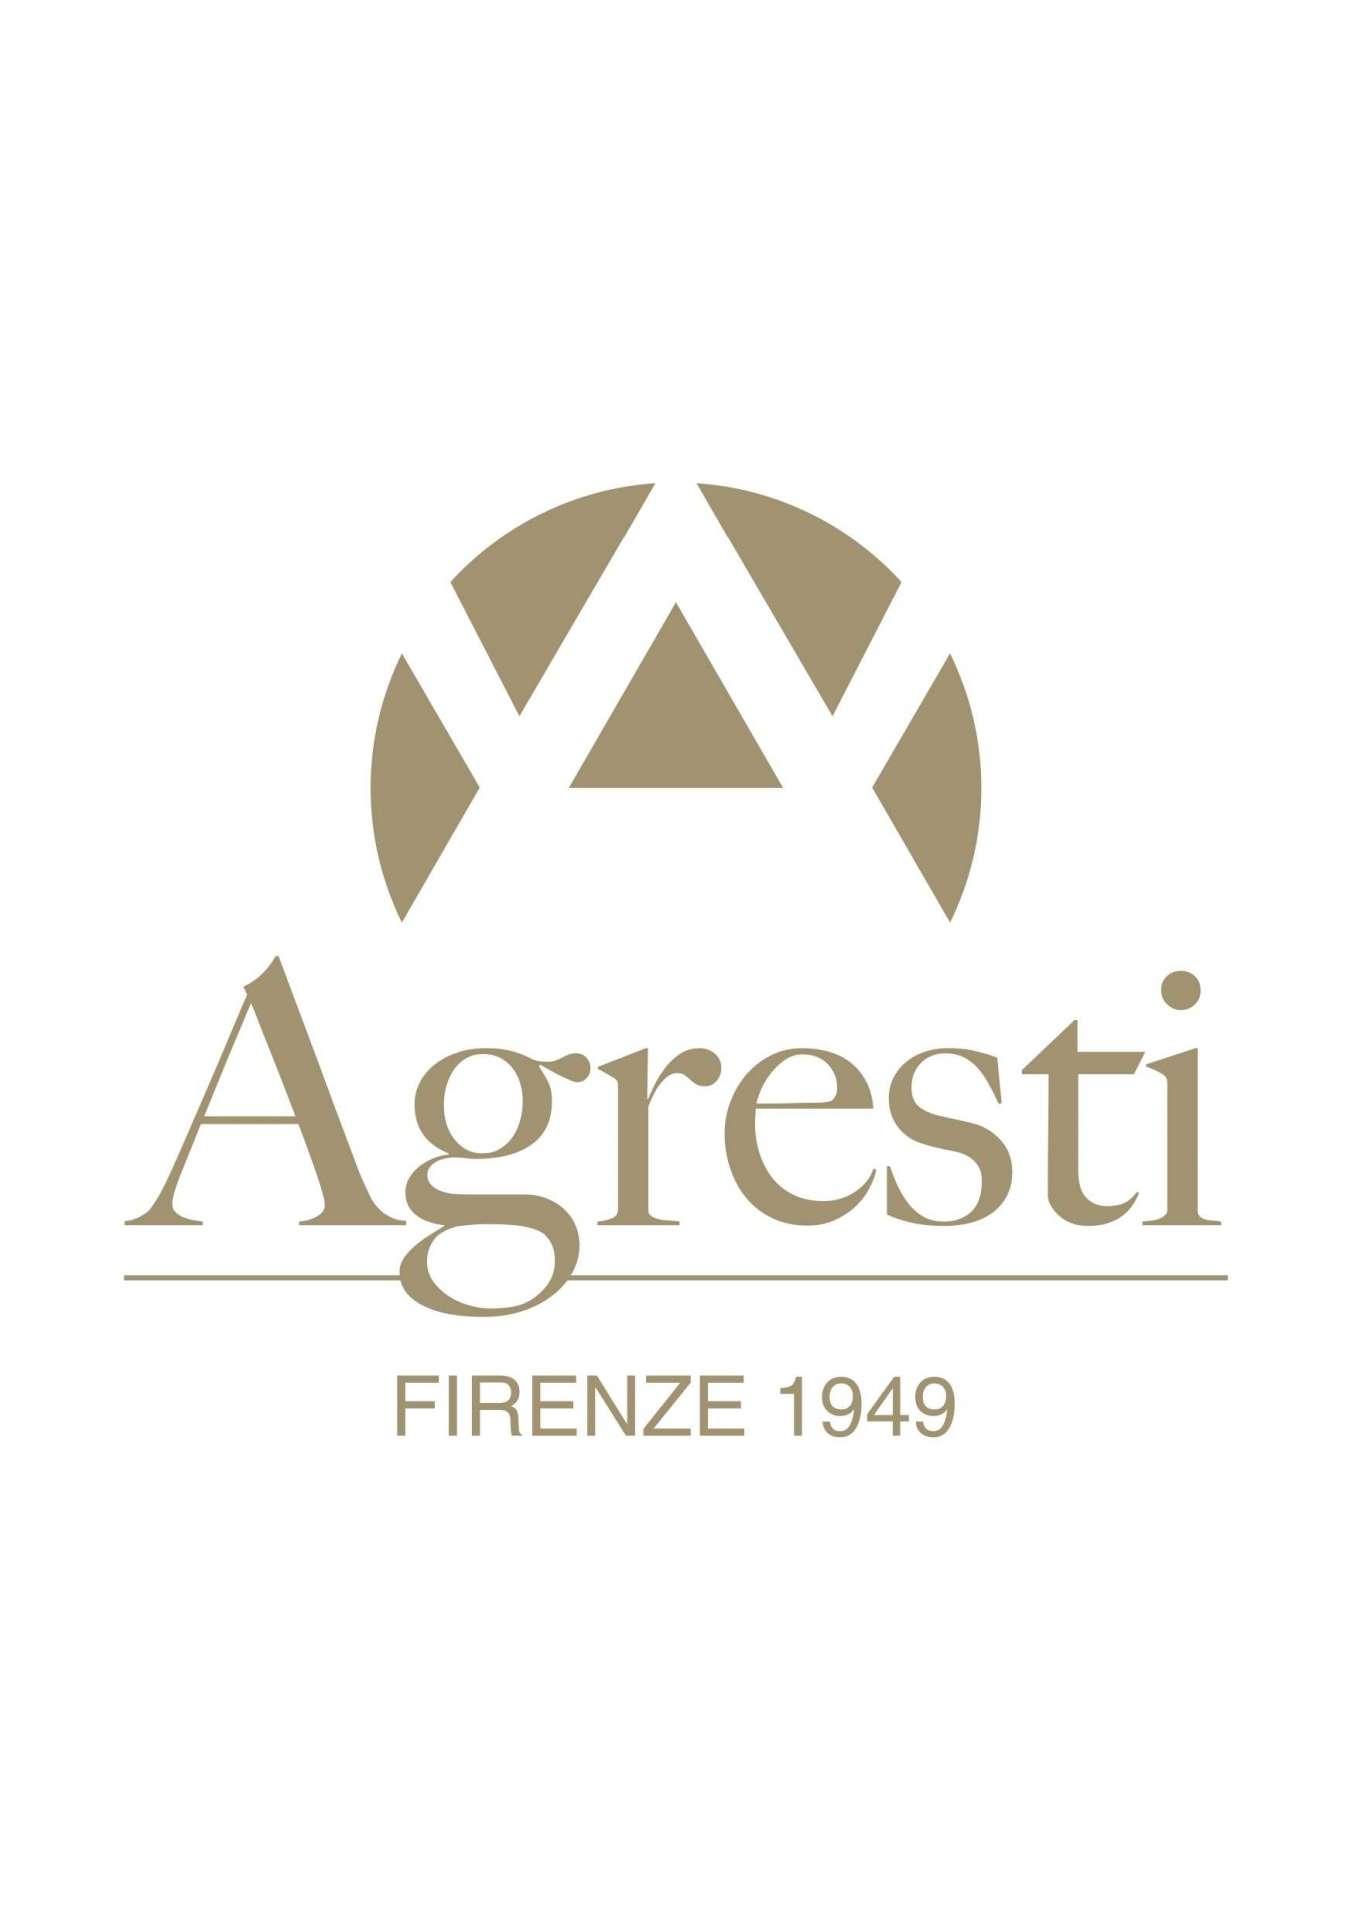 agresti- company logo